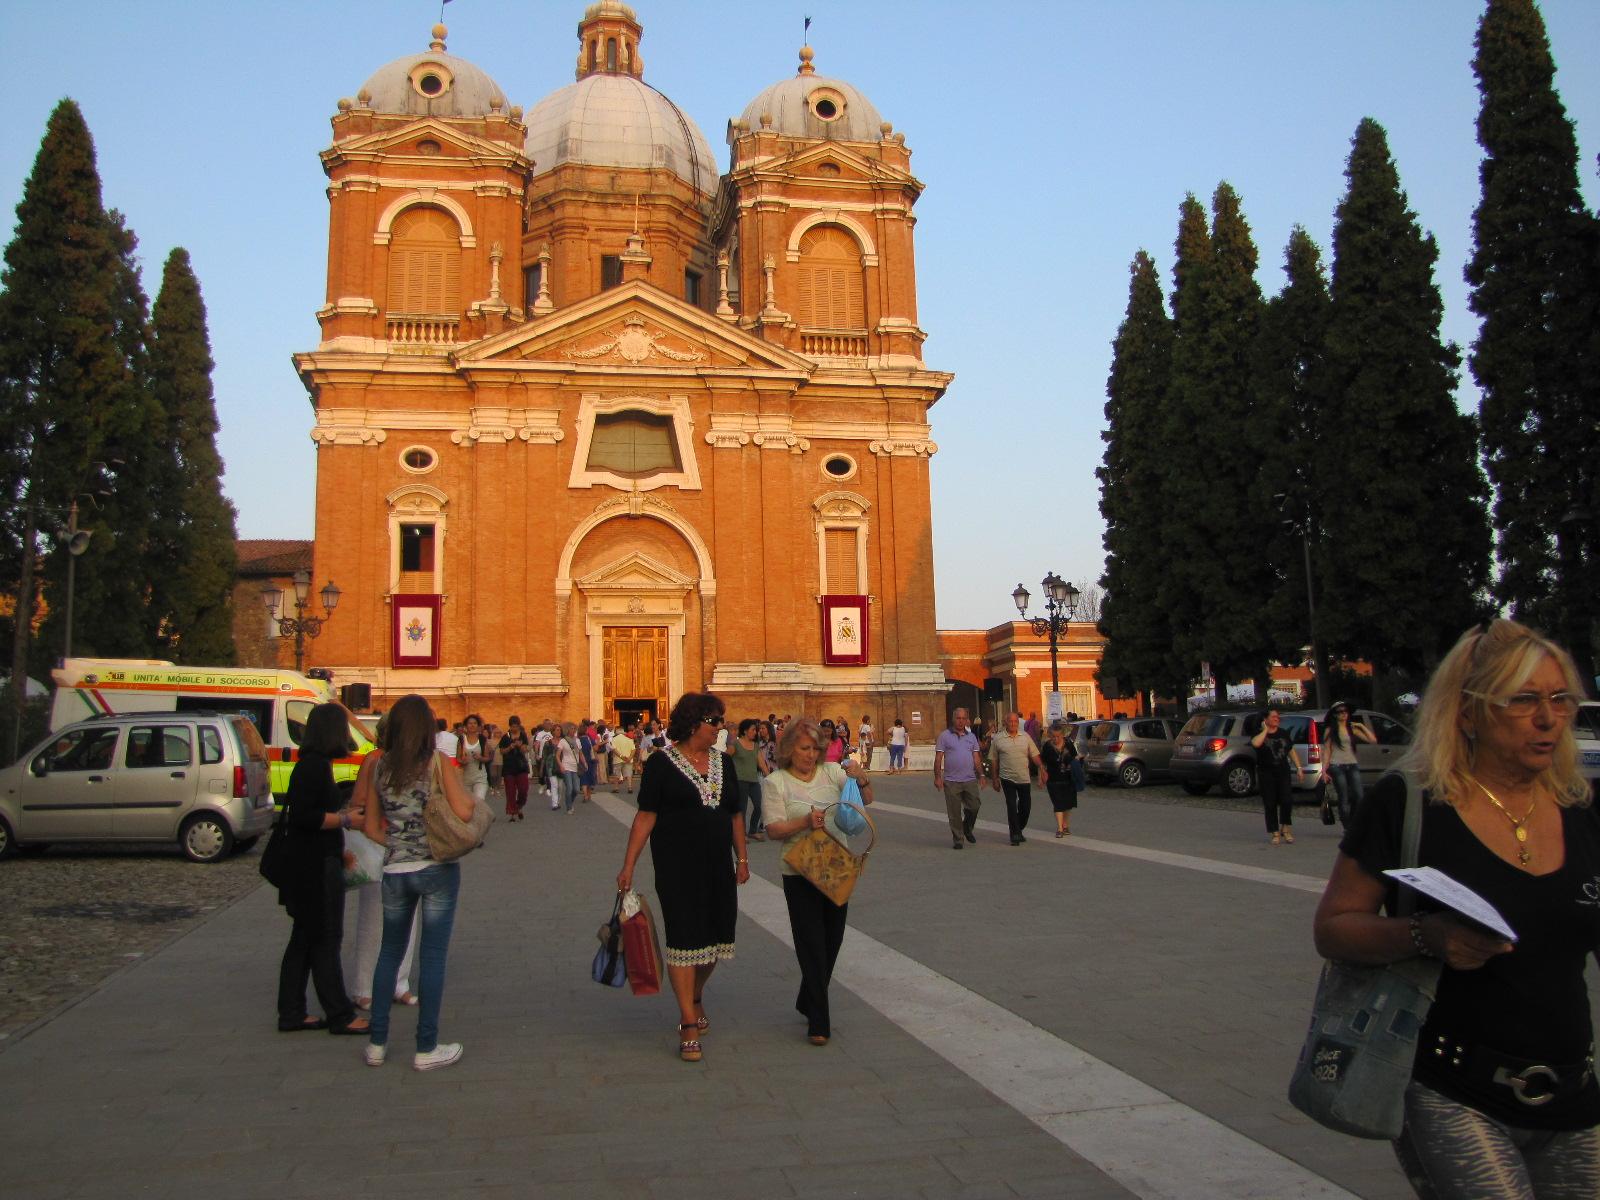 Historia de una Pintura Milagrosa: Virgen del Castillo de Fiorano, Italia (8 de febrero y 24 de septiembre)